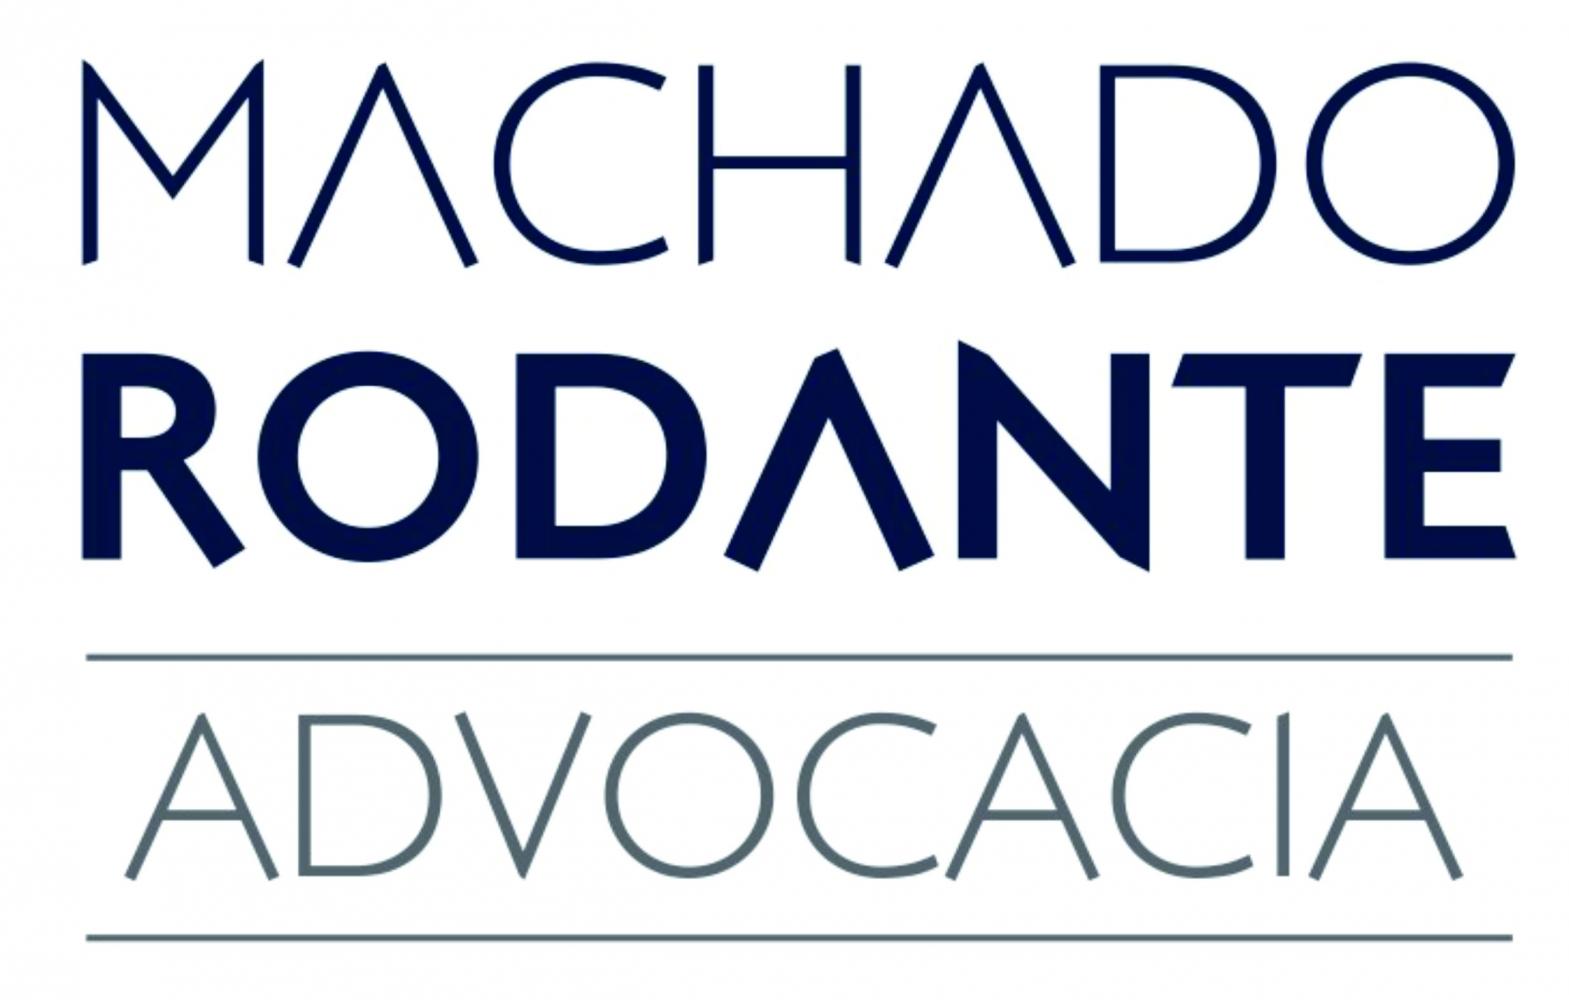 Machado Rodante Advocacia